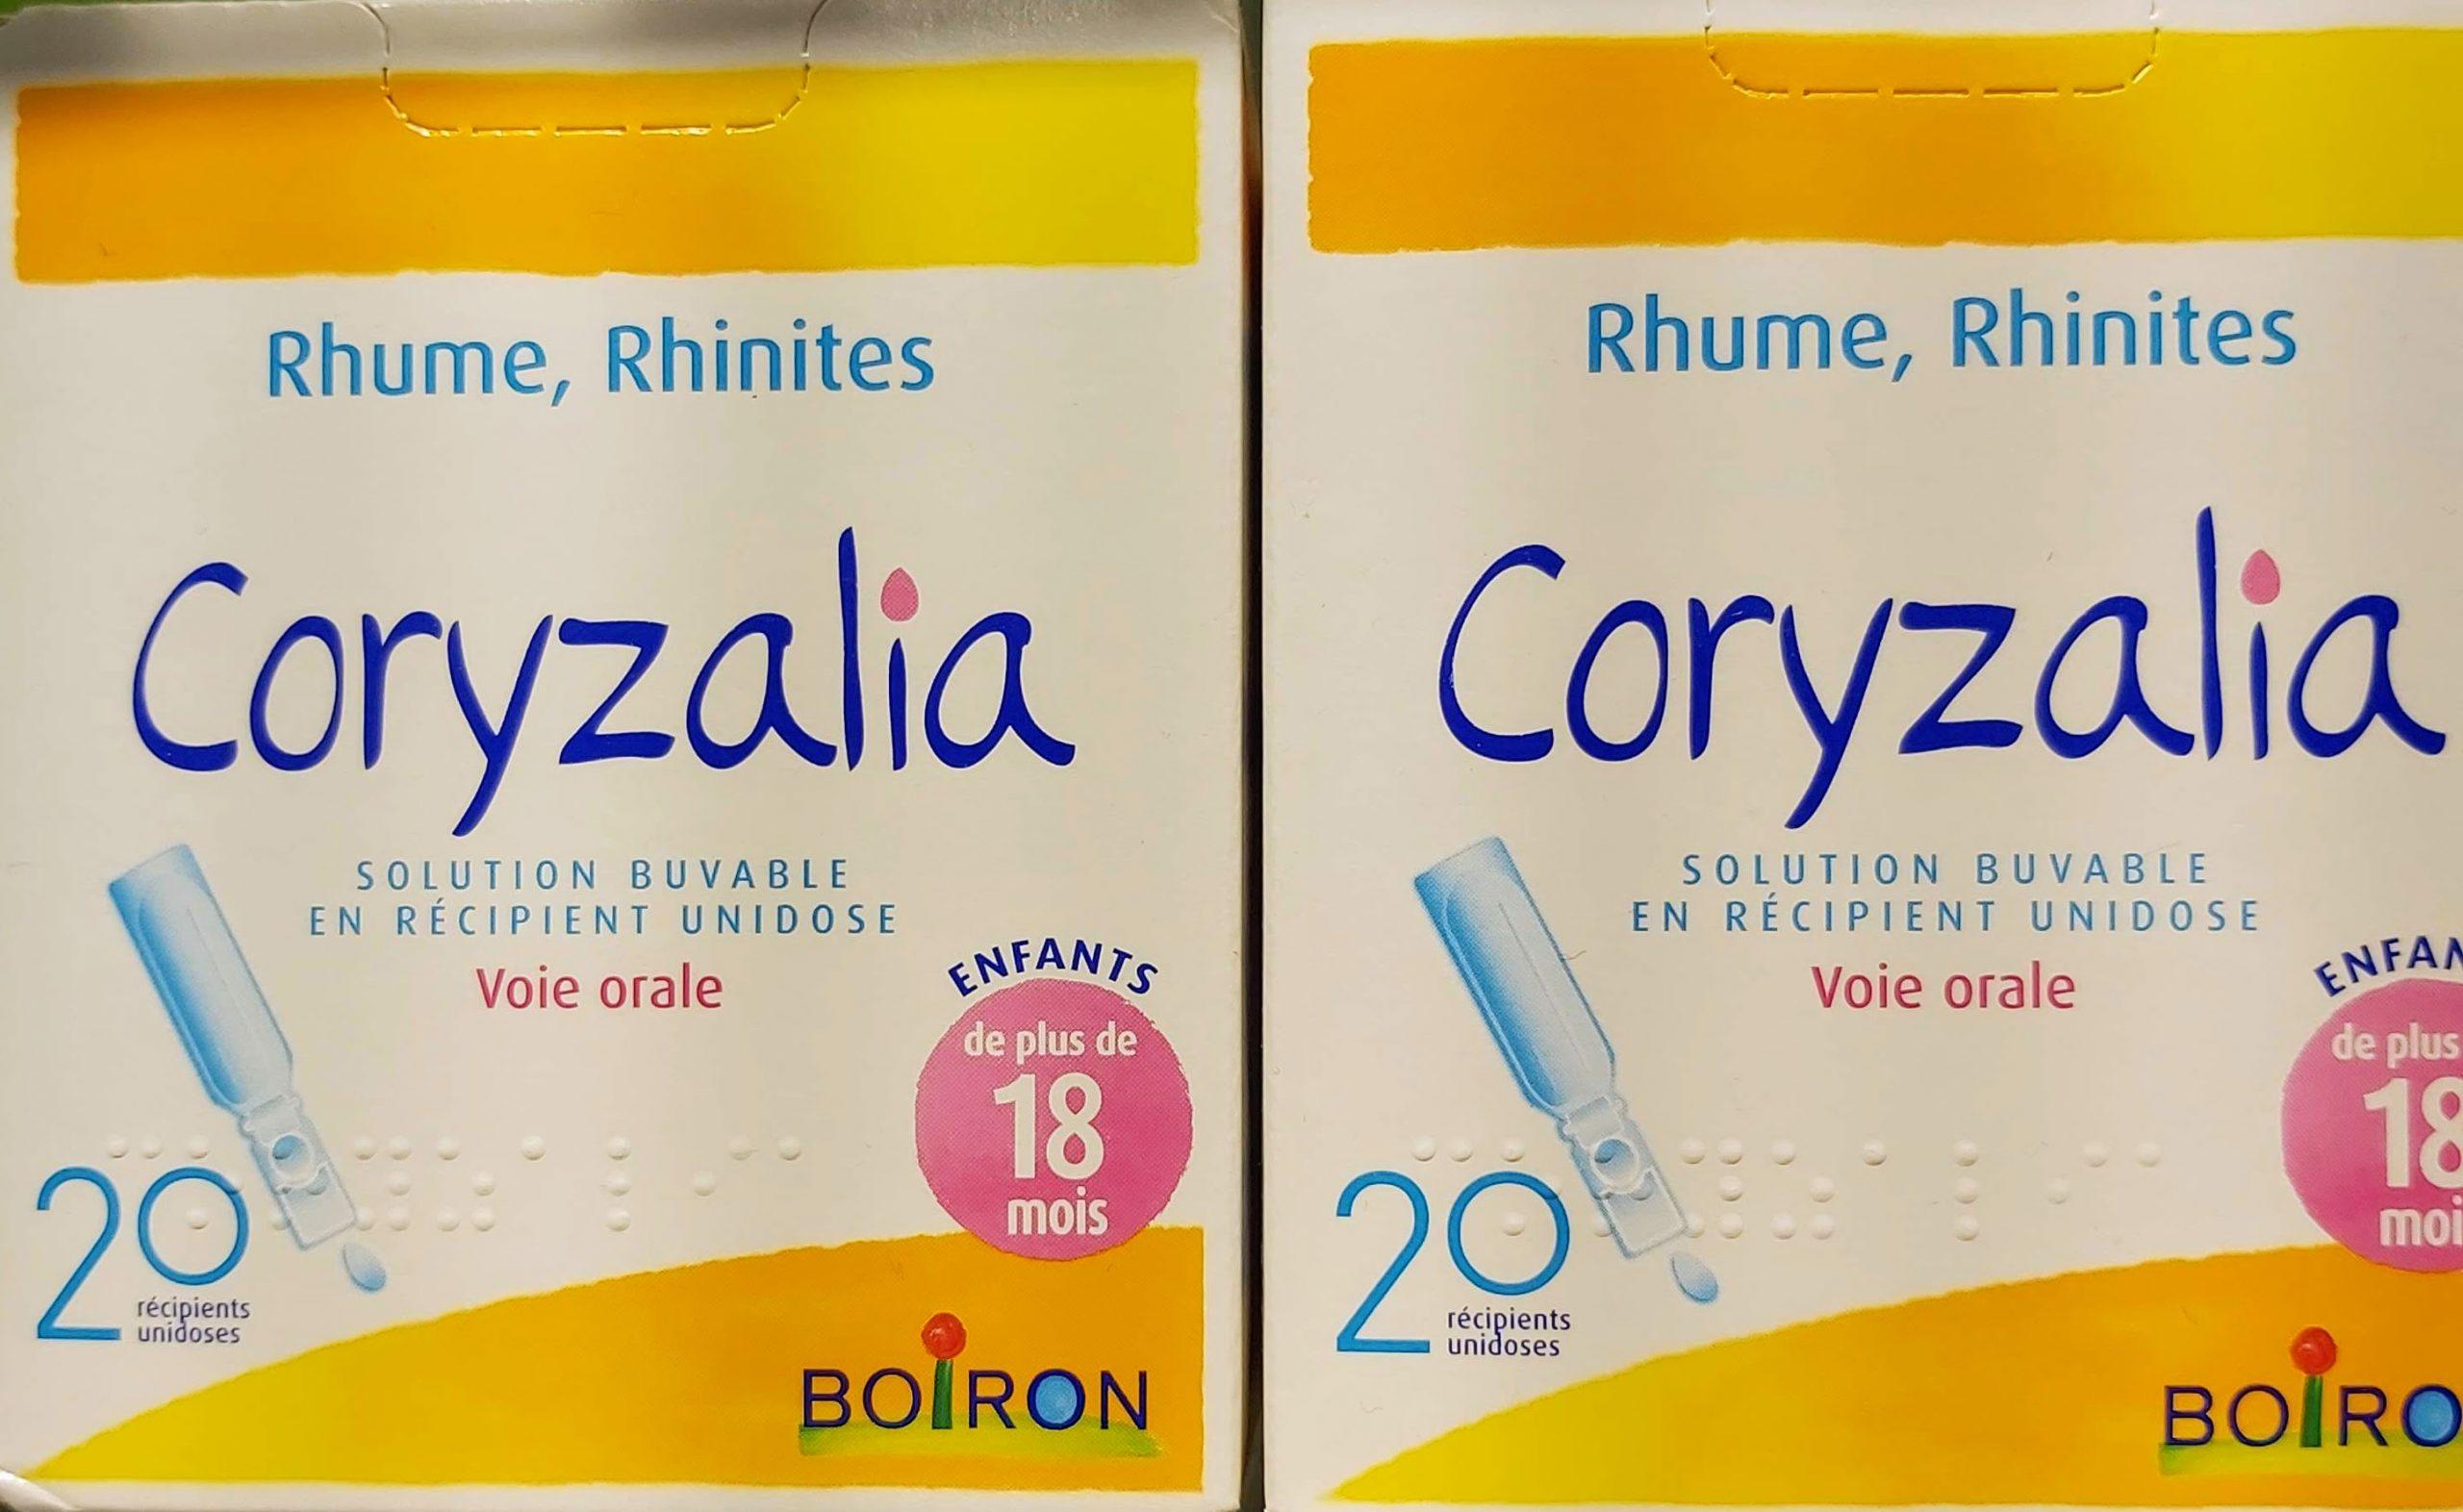 Coryzalia de boirón es un medicamento homeopático indicado para la rinitis alérgicas o para las congestiones nasales alérgicas o de catarros.